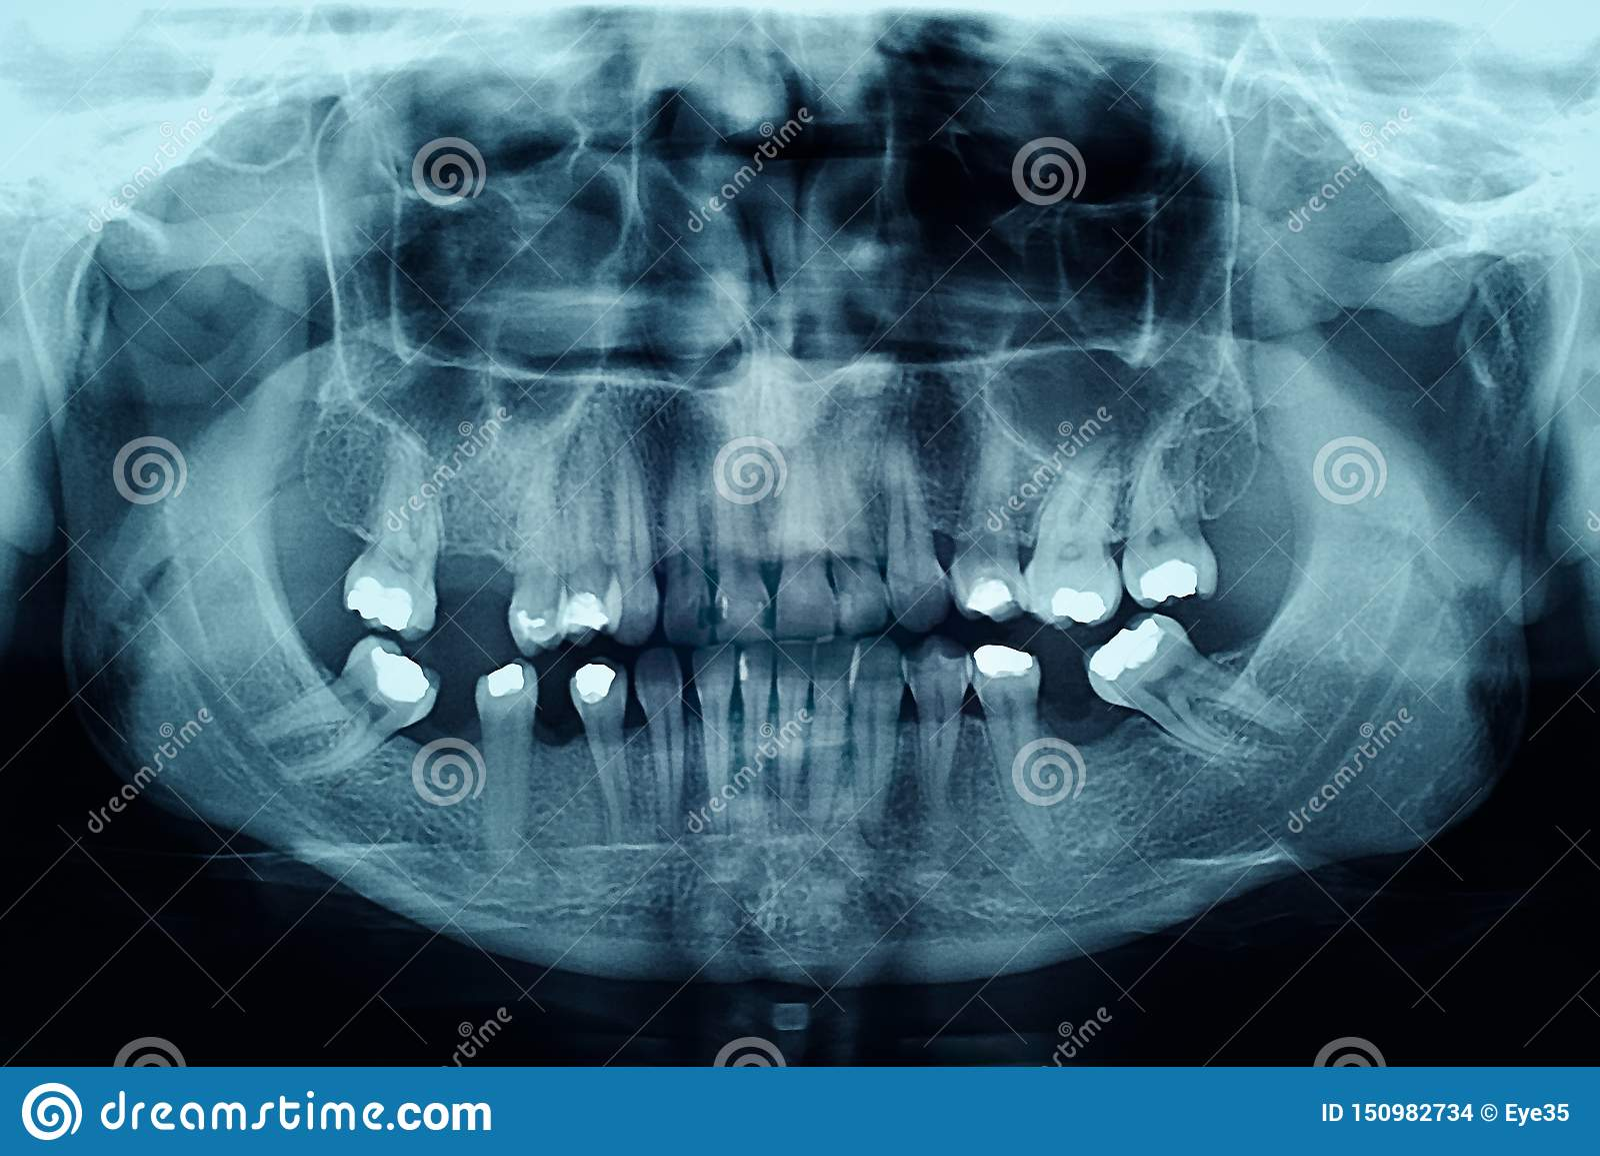 Radiografía dental que muestra rellenos en los dientes